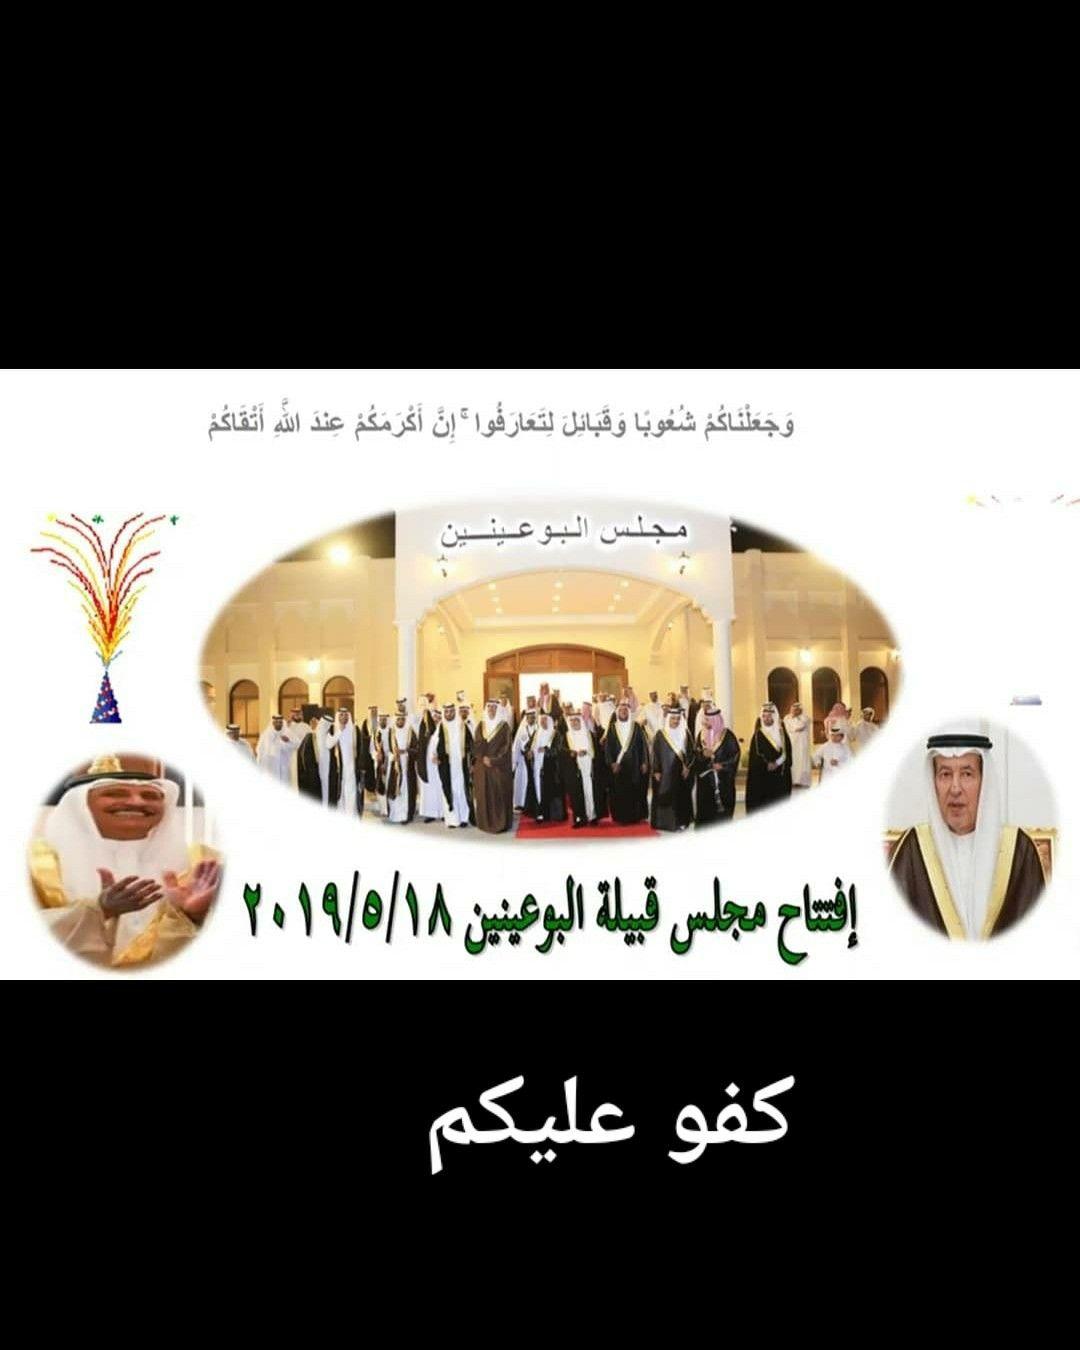 مجلس البوعينين عسكر البحرين بني دارم بني تميم الوهبة بني تميم In 2020 Ksa Saudi Arabia Poster Movie Posters